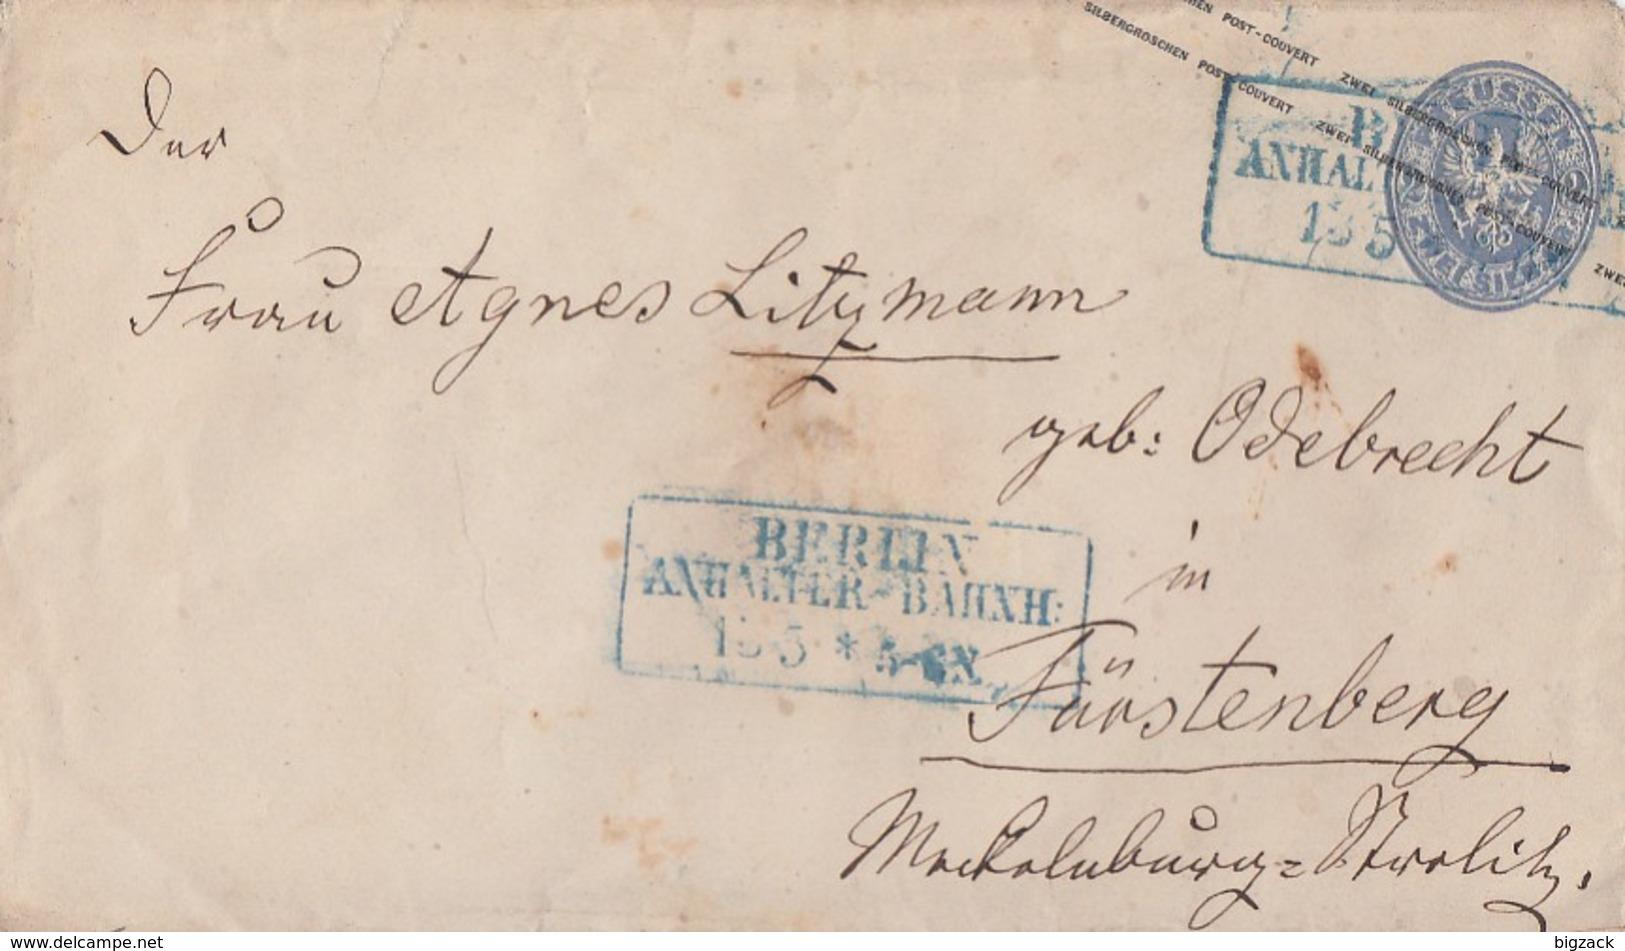 Preussen GS-Umschlag 2 Silb.Gr. Blauer R3 Berelin Anhalter-Bahnh. 13.5. Gel. Nach Fürstenberg - Preussen